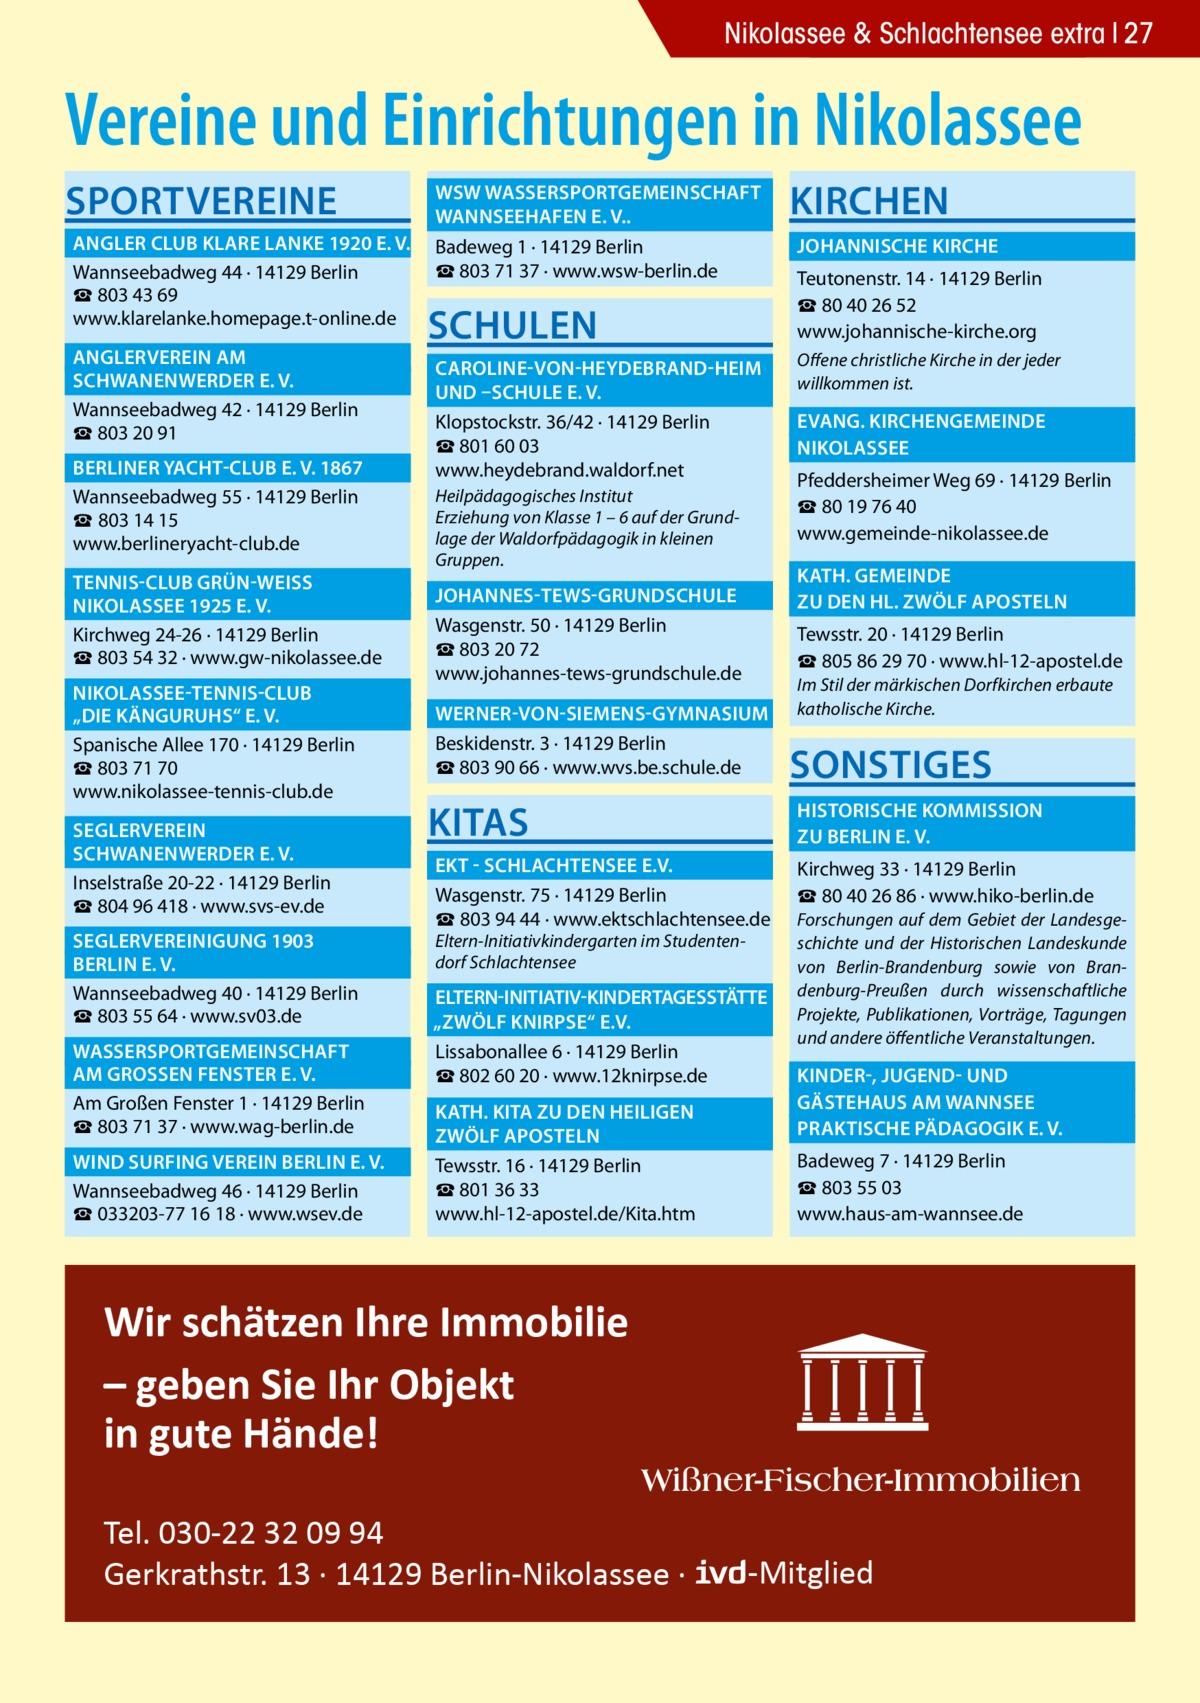 """Nikolassee & Schlachtensee extra 27  Vereine und Einrichtungen in Nikolassee Sportvereine   WSW Wassersportgemeinschaft �  Wannseehafen e. V..�  Angler Club Klare Lanke 1920 e. V.� Badeweg 1 · 14129 Berlin ☎803 71 37 · www.wsw-berlin.de Wannseebadweg 44 · 14129 Berlin ☎ 803 43 69 www.klarelanke.homepage.t-online.de  Anglerverein Am�  Schwanenwerder e. V.� Wannseebadweg 42 · 14129 Berlin ☎ 803 20 91  Berliner Yacht-Club e. V. 1867� Wannseebadweg 55 · 14129 Berlin ☎ 803 14 15 www.berlineryacht-club.de Tennis-Club Grün-WeiSS � Nikolassee 1925 e. V.� Kirchweg 24-26 · 14129 Berlin ☎ 803 54 32 · www.gw-nikolassee.de Nikolassee-Tennis-Club �  """"Die Känguruhs"""" e. V.� Spanische Allee 170 · 14129 Berlin ☎803 71 70 www.nikolassee-tennis-club.de Seglerverein�  Schwanenwerder e. V.� Inselstraße 20-22 · 14129 Berlin ☎804 96 418 · www.svs-ev.de  Seglervereinigung 1903 �  Berlin e. V.� Wannseebadweg 40 · 14129 Berlin ☎803 55 64 · www.sv03.de  Wassersportgemeinschaft � am GroSSen Fenster e. V.� Am Großen Fenster 1 · 14129 Berlin ☎803 71 37 · www.wag-berlin.de  Wind Surfing Verein Berlin e. V.� Wannseebadweg 46 · 14129 Berlin ☎033203-77 16 18 · www.wsev.de  Schulen  Kirchen  Johannische Kirche � Teutonenstr. 14 · 14129 Berlin ☎ 80 40 26 52 www.johannische-kirche.org   Caroline-von-Heydebrand-Heim � Offene christliche Kirche in der jeder willkommen ist. und –Schule e. V. � Evang. Kirchengemeinde � Klopstockstr. 36/42 · 14129 Berlin ☎801 60 03 Nikolassee� www.heydebrand.waldorf.net Pfeddersheimer Weg 69 · 14129 Berlin Heilpädagogisches Institut ☎80 19 76 40 Erziehung von Klasse 1 – 6 auf der Grundwww.gemeinde-nikolassee.de lage der Waldorfpädagogik in kleinen Gruppen.   Kath. gemeinde � zu den Hl. Zwölf Aposteln �   Johannes-Tews-Grundschule � Wasgenstr. 50 · 14129 Berlin ☎803 20 72 www.johannes-tews-grundschule.de  Tewsstr. 20 · 14129 Berlin ☎805 86 29 70 · www.hl-12-apostel.de Im Stil der märkischen Dorfkirchen erbaute katholische Kirche.   Werner-von-Siemens-Gymnasium � Beskidenstr. """